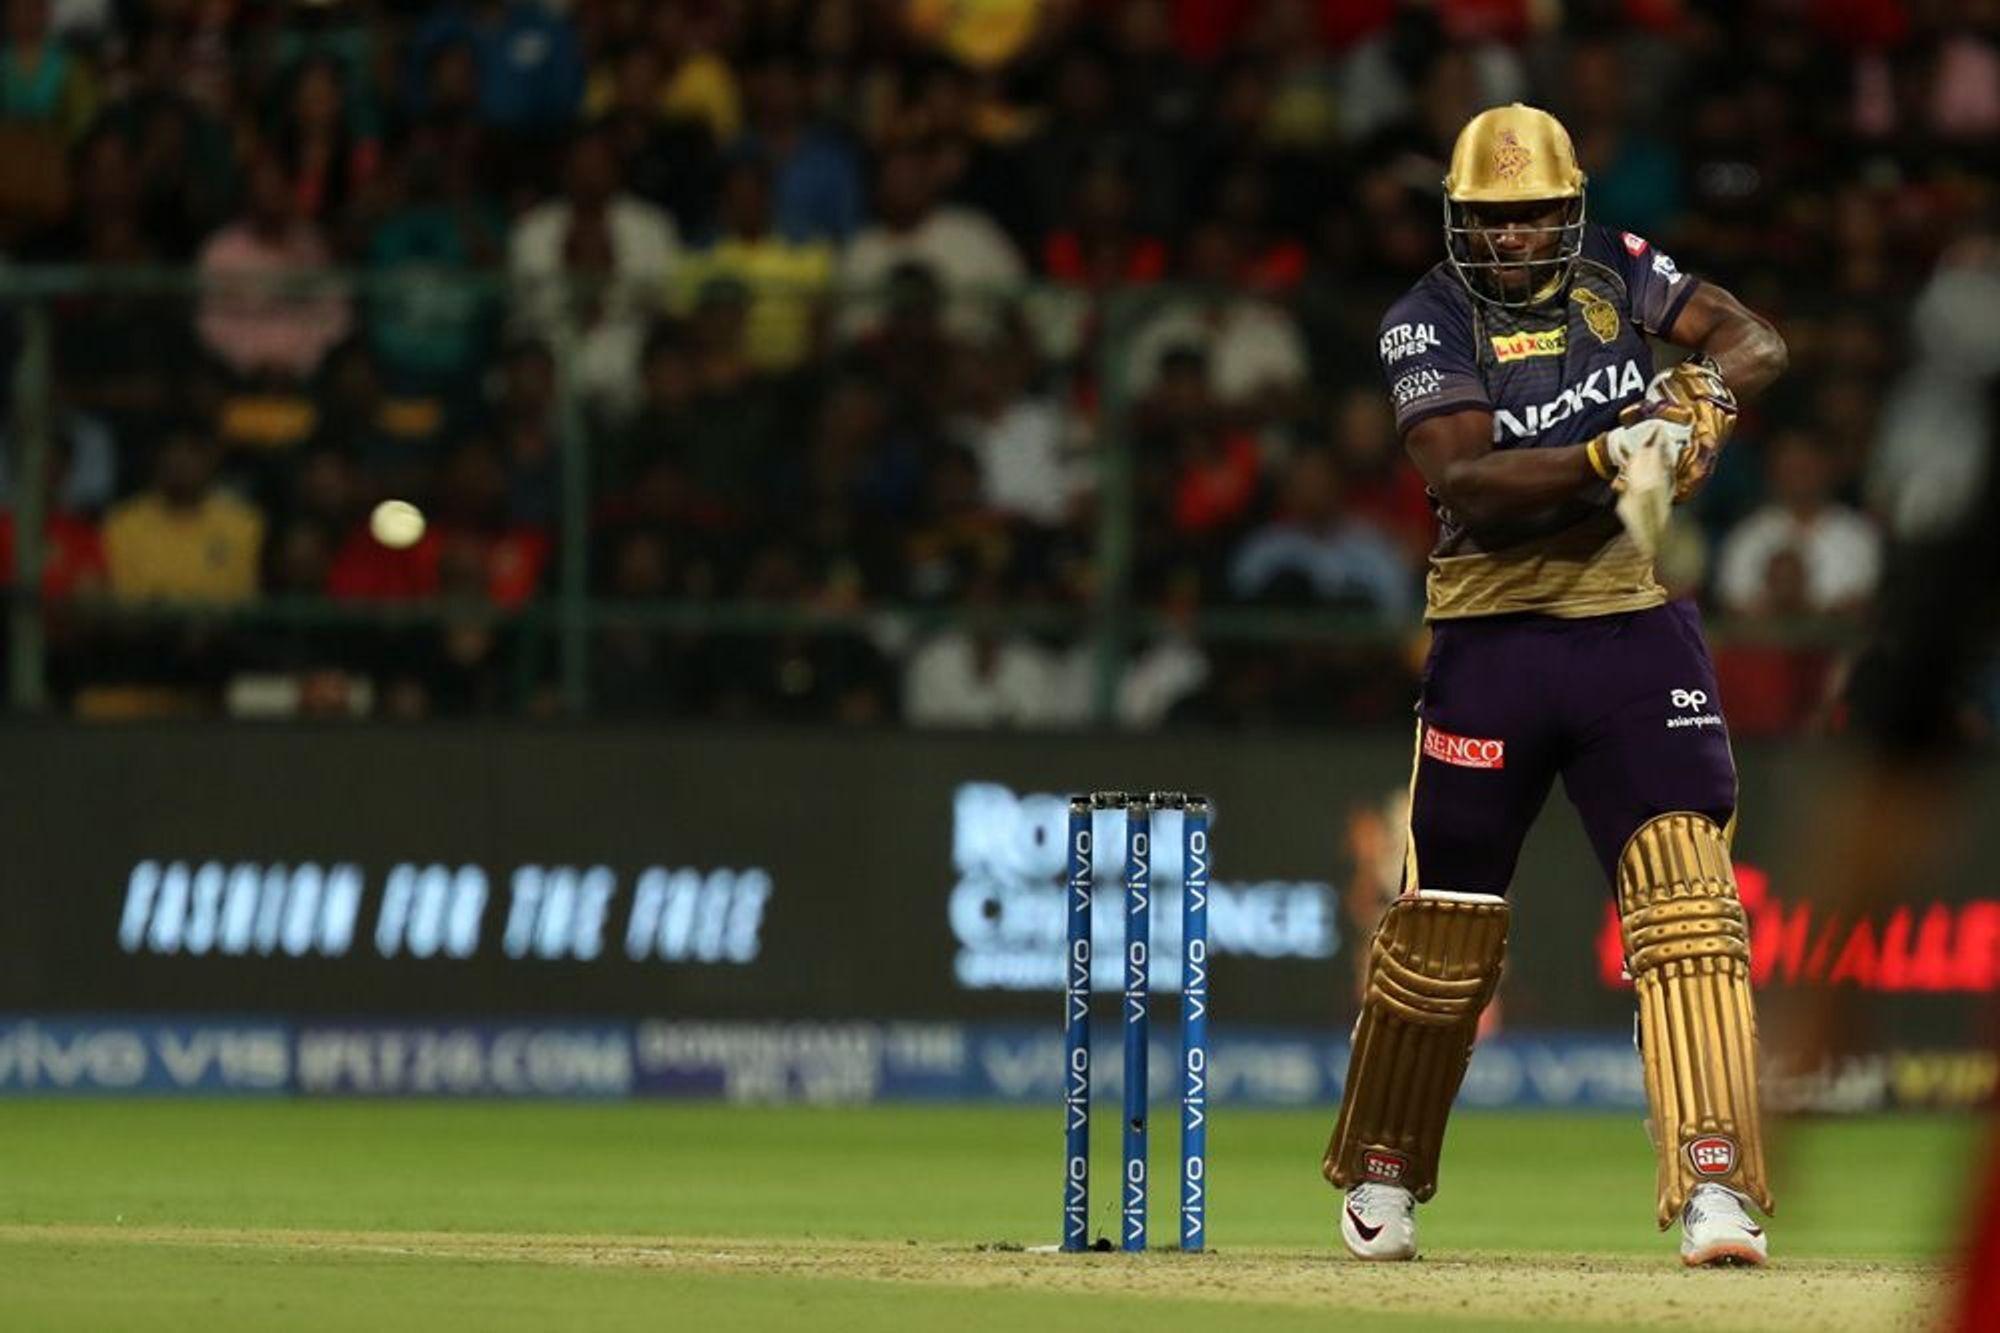 RCBvsKKR : आंद्रे रसेल के तूफानी पारी के दम पर केकेआर ने आरसीबी को 5 विकेट से हराया 22